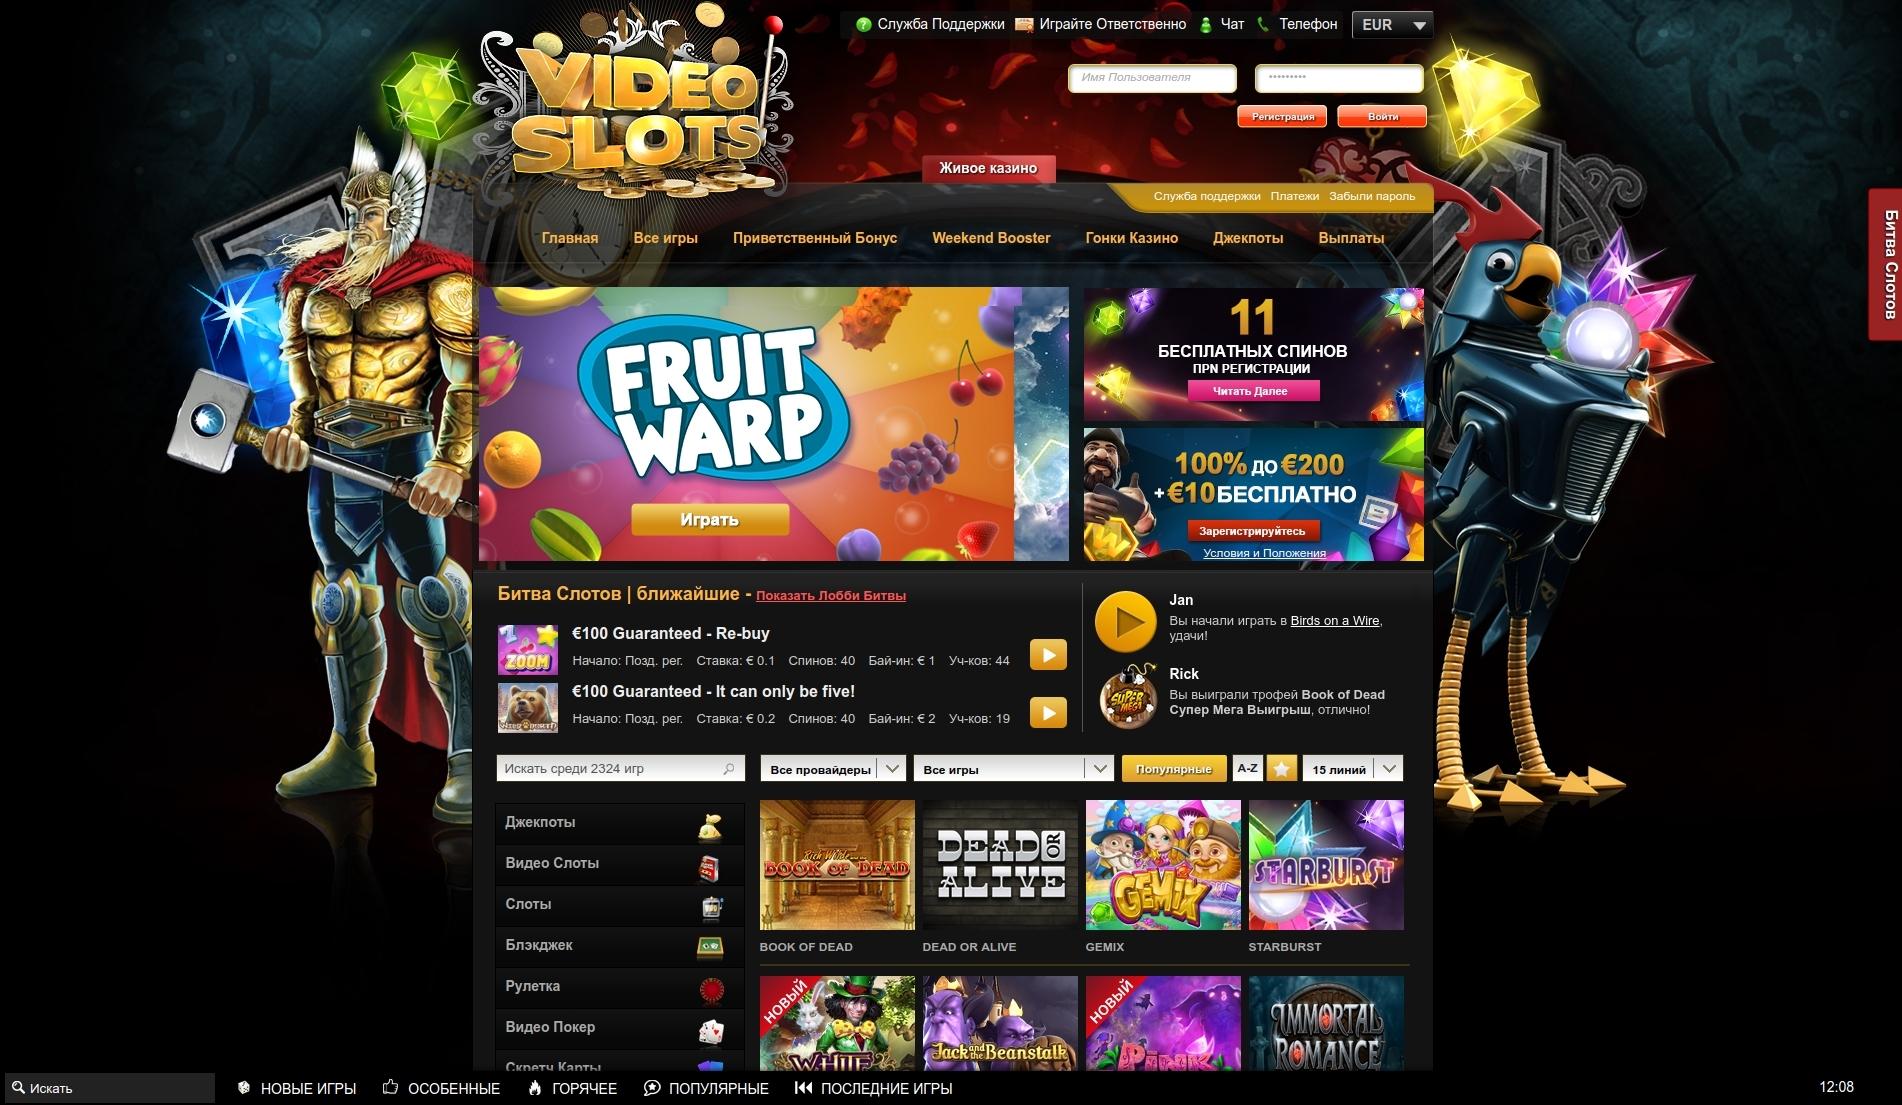 какой бонус может получить игрок просто находясь онлайн в играх на деньги